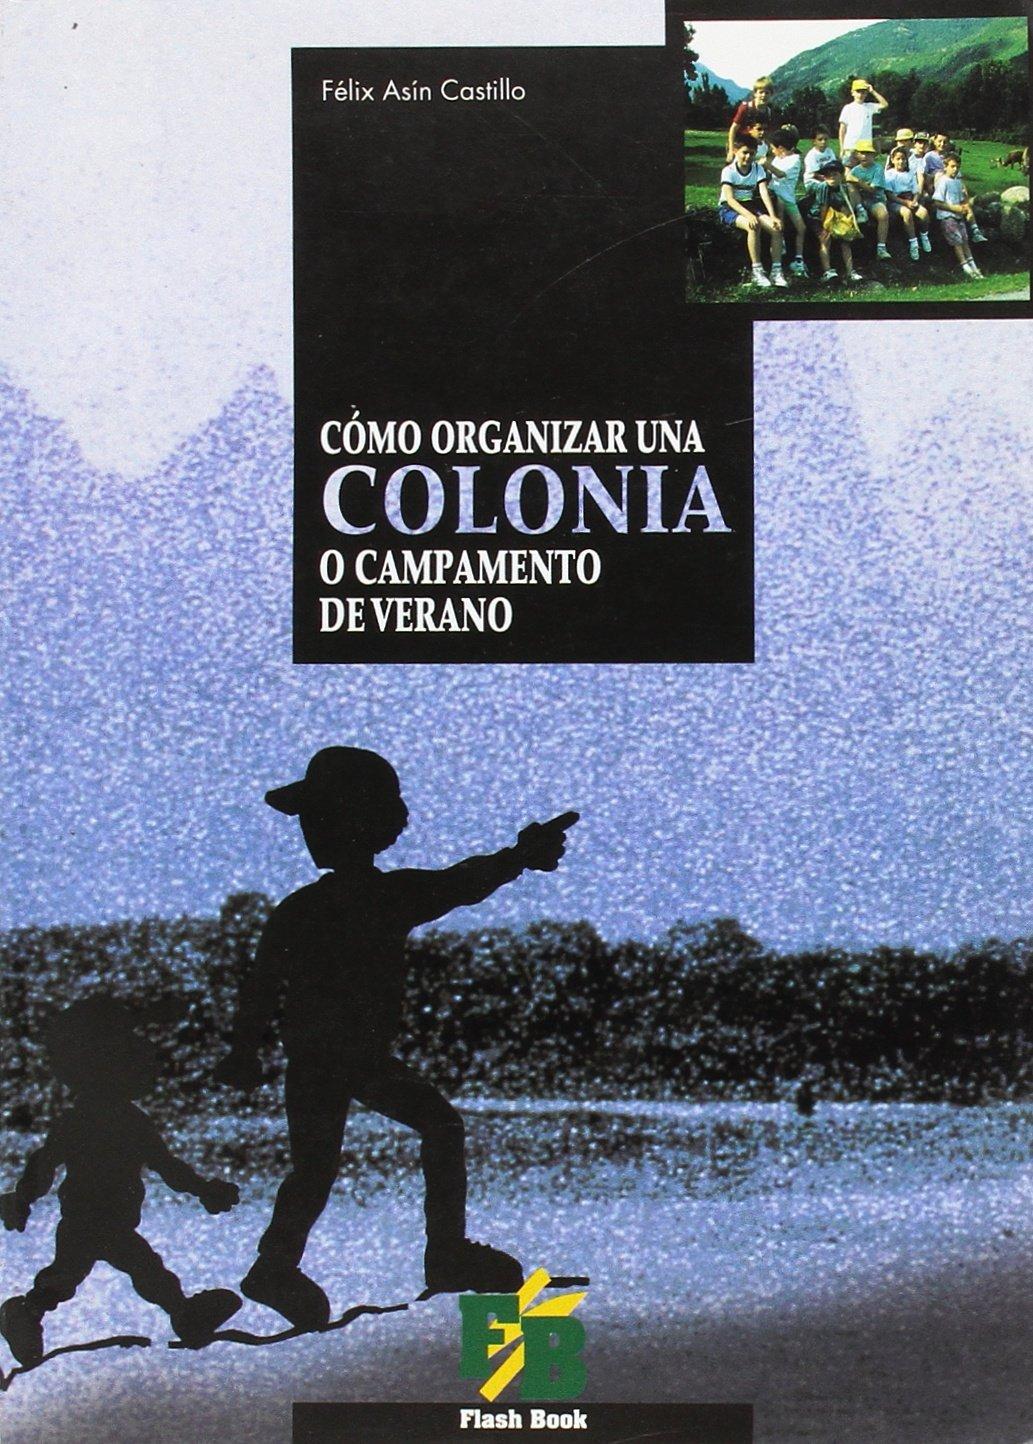 Como organizar una colonia o campamento de verano: Amazon.es: Asin: Libros